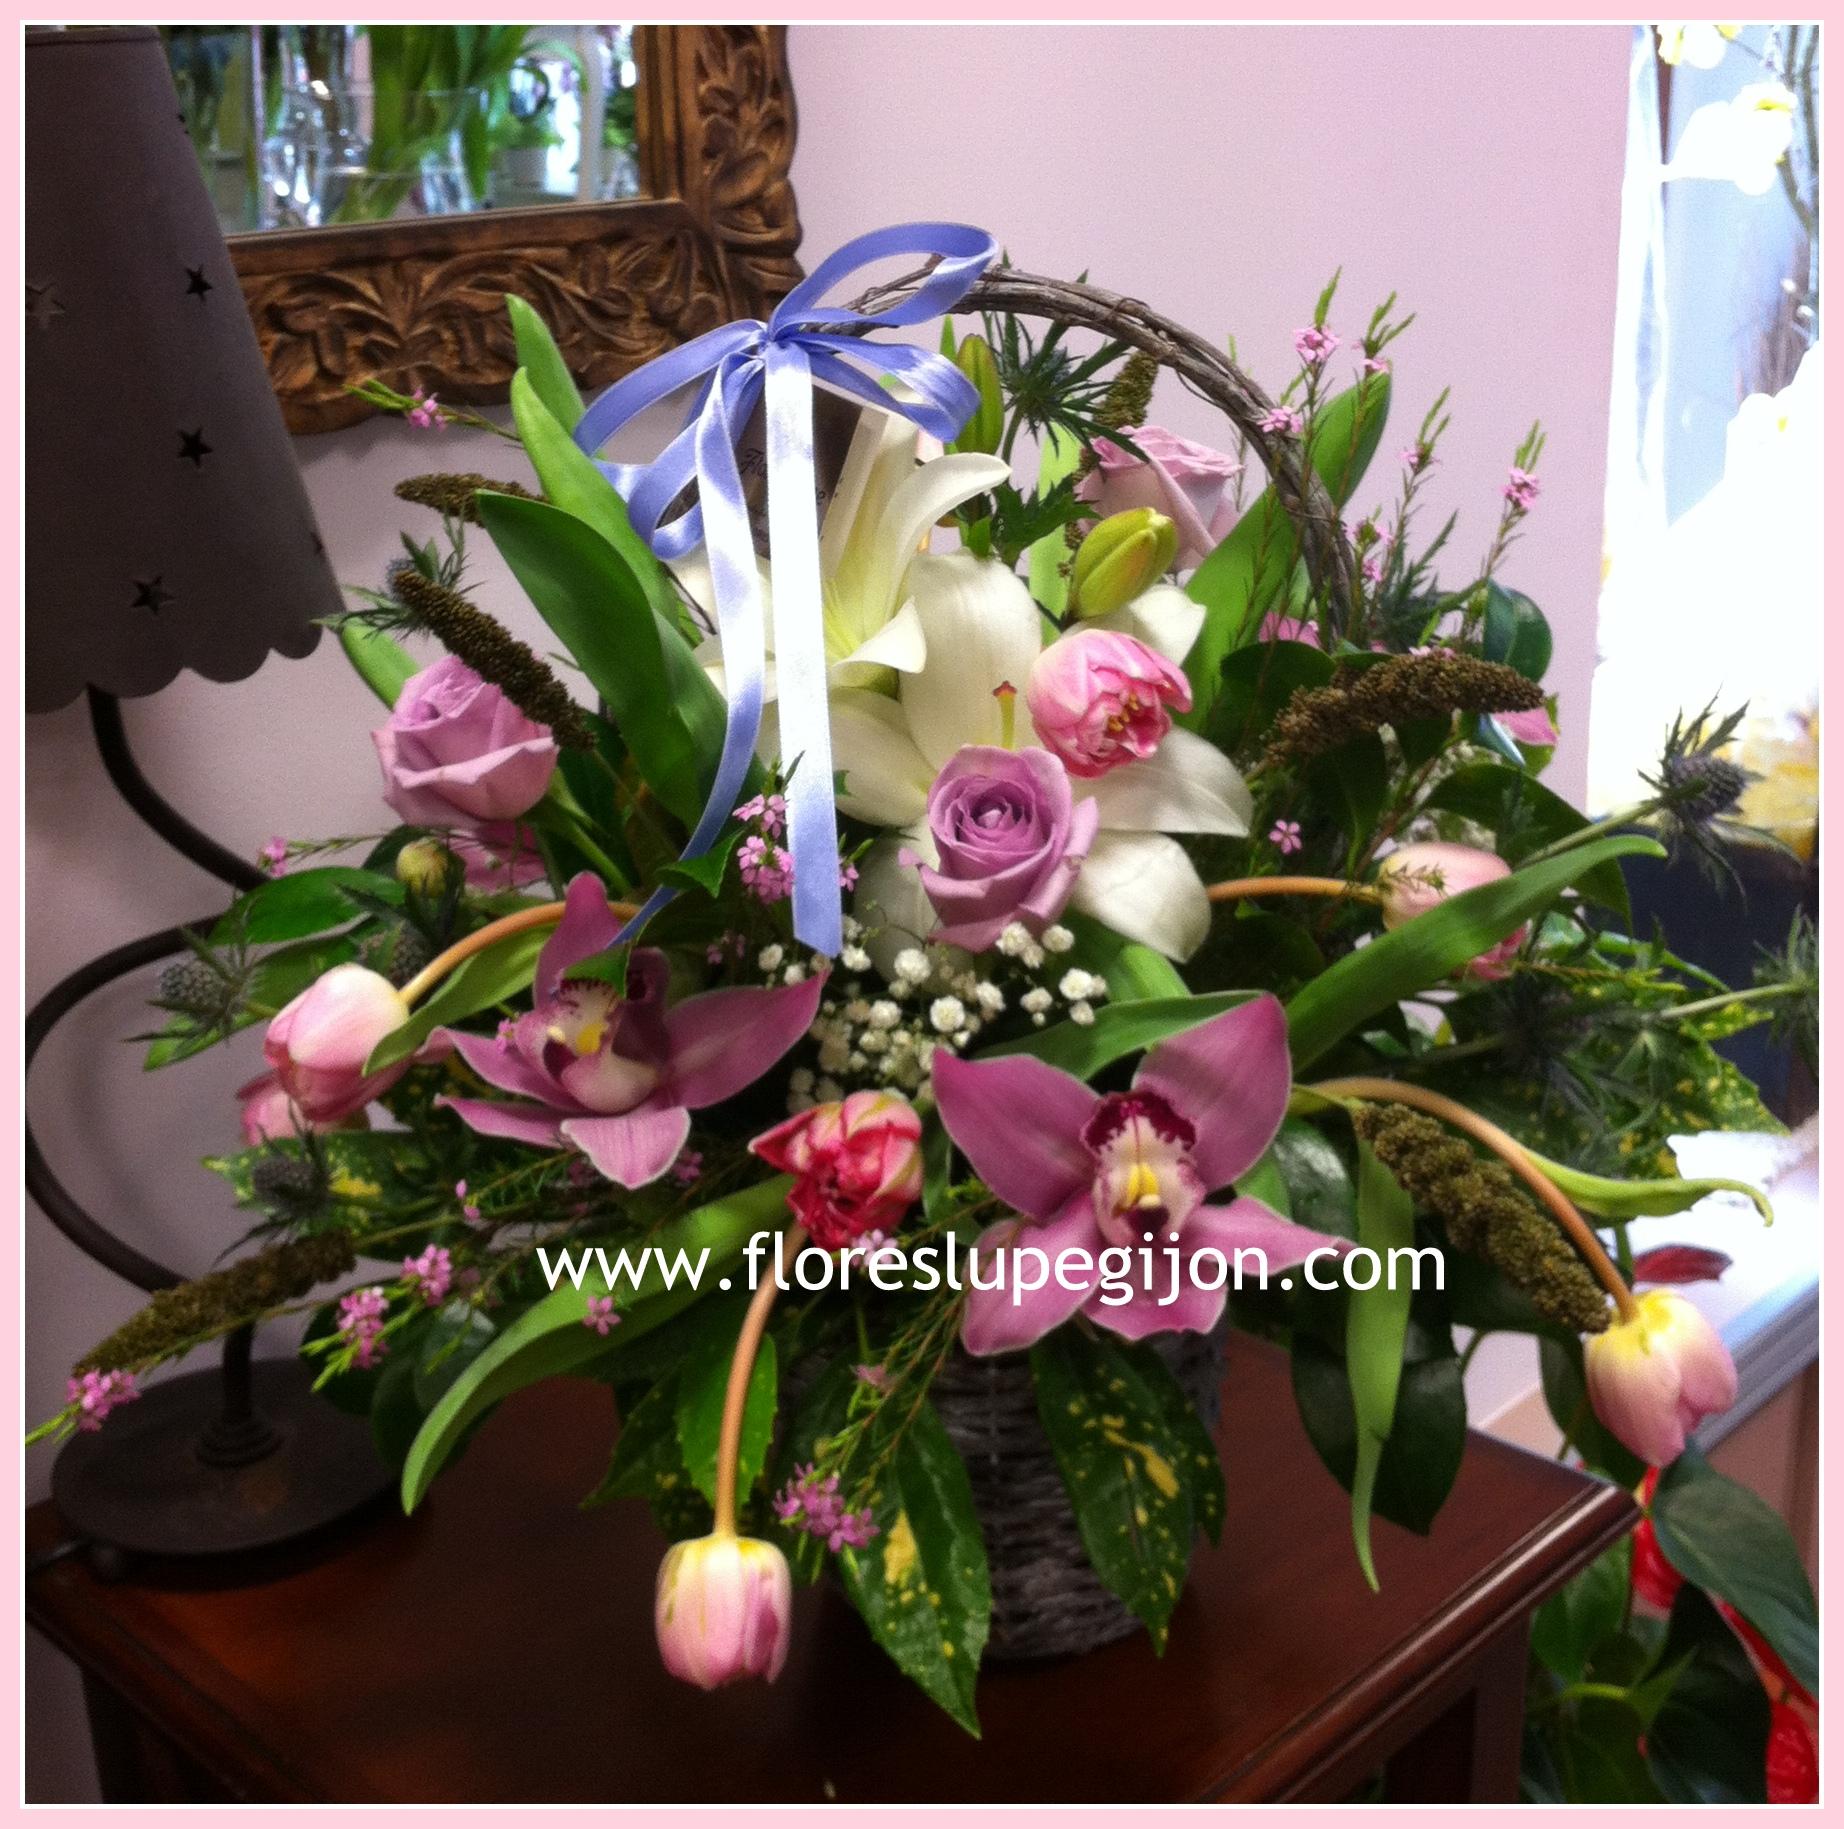 Cesta con lilium, rosas, tulipanes y orquídeas cymbidium